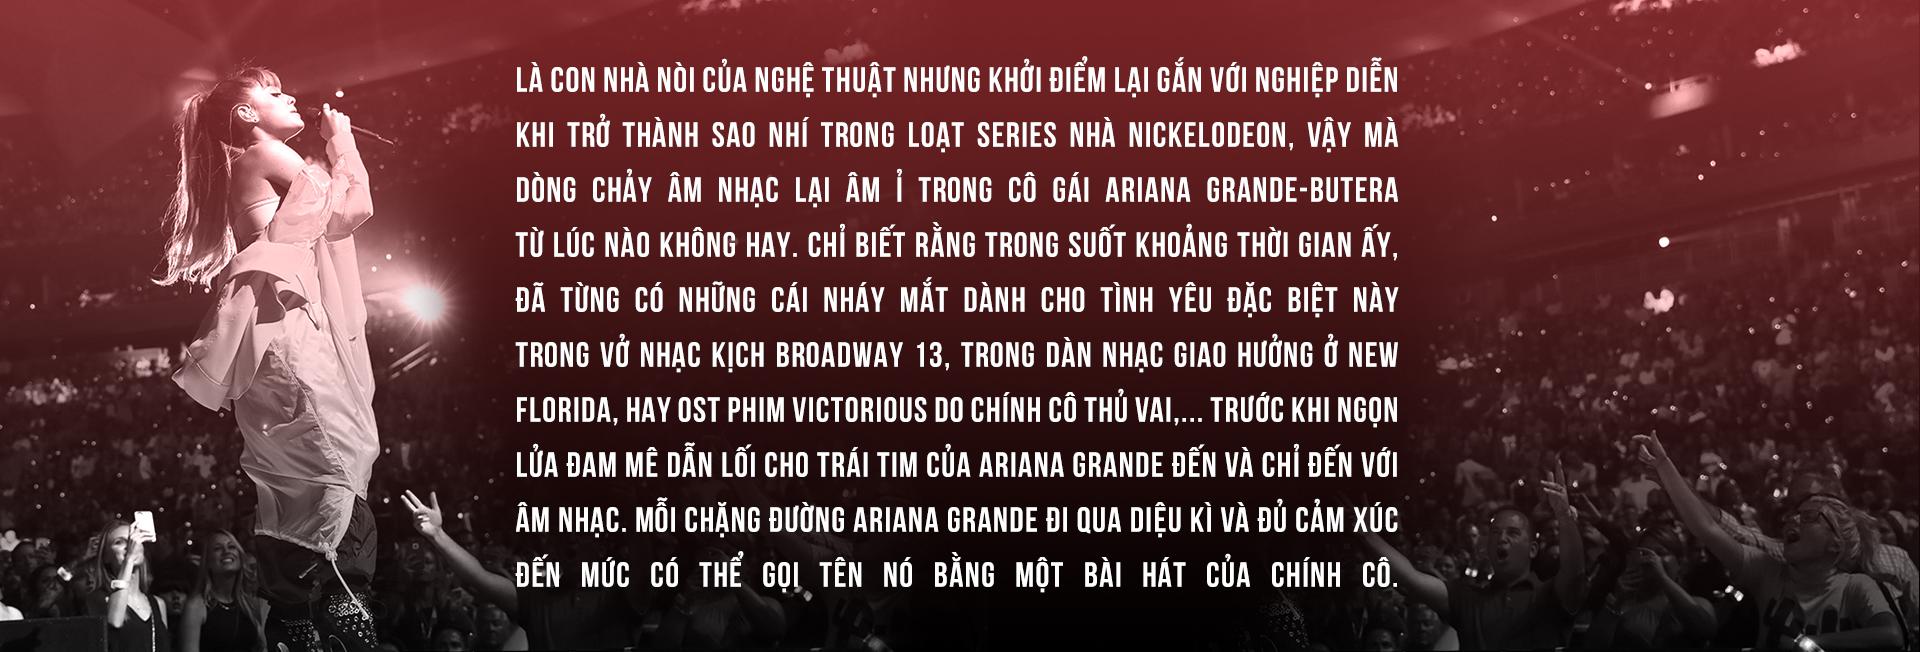 Ariana Grande - Từ nàng 'tay ngang' vươn lên NGÔI SAO TRẺ thành công nhất thế giới